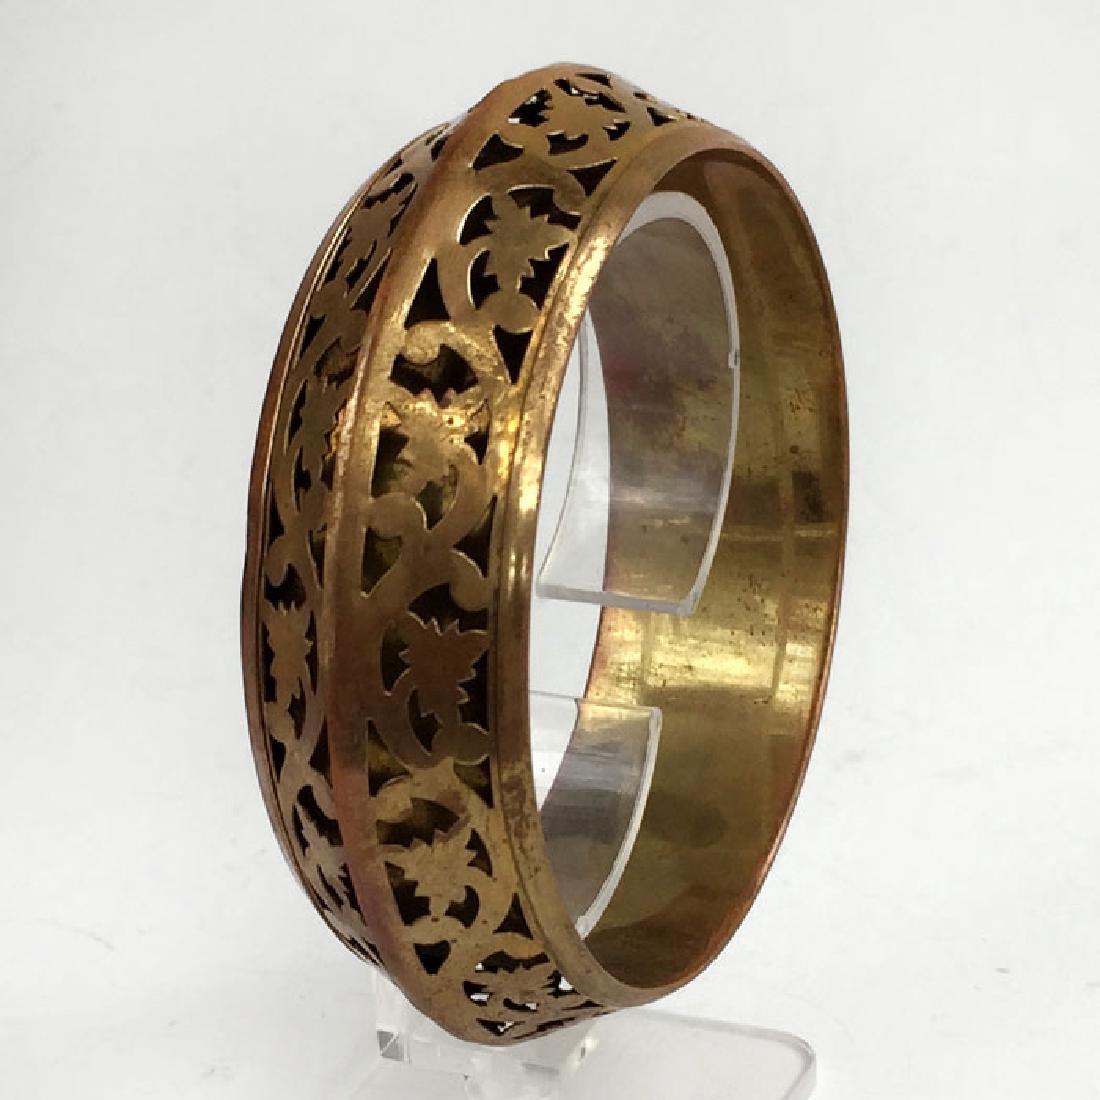 Vintage bangle bracelet antique color with nice design - 2